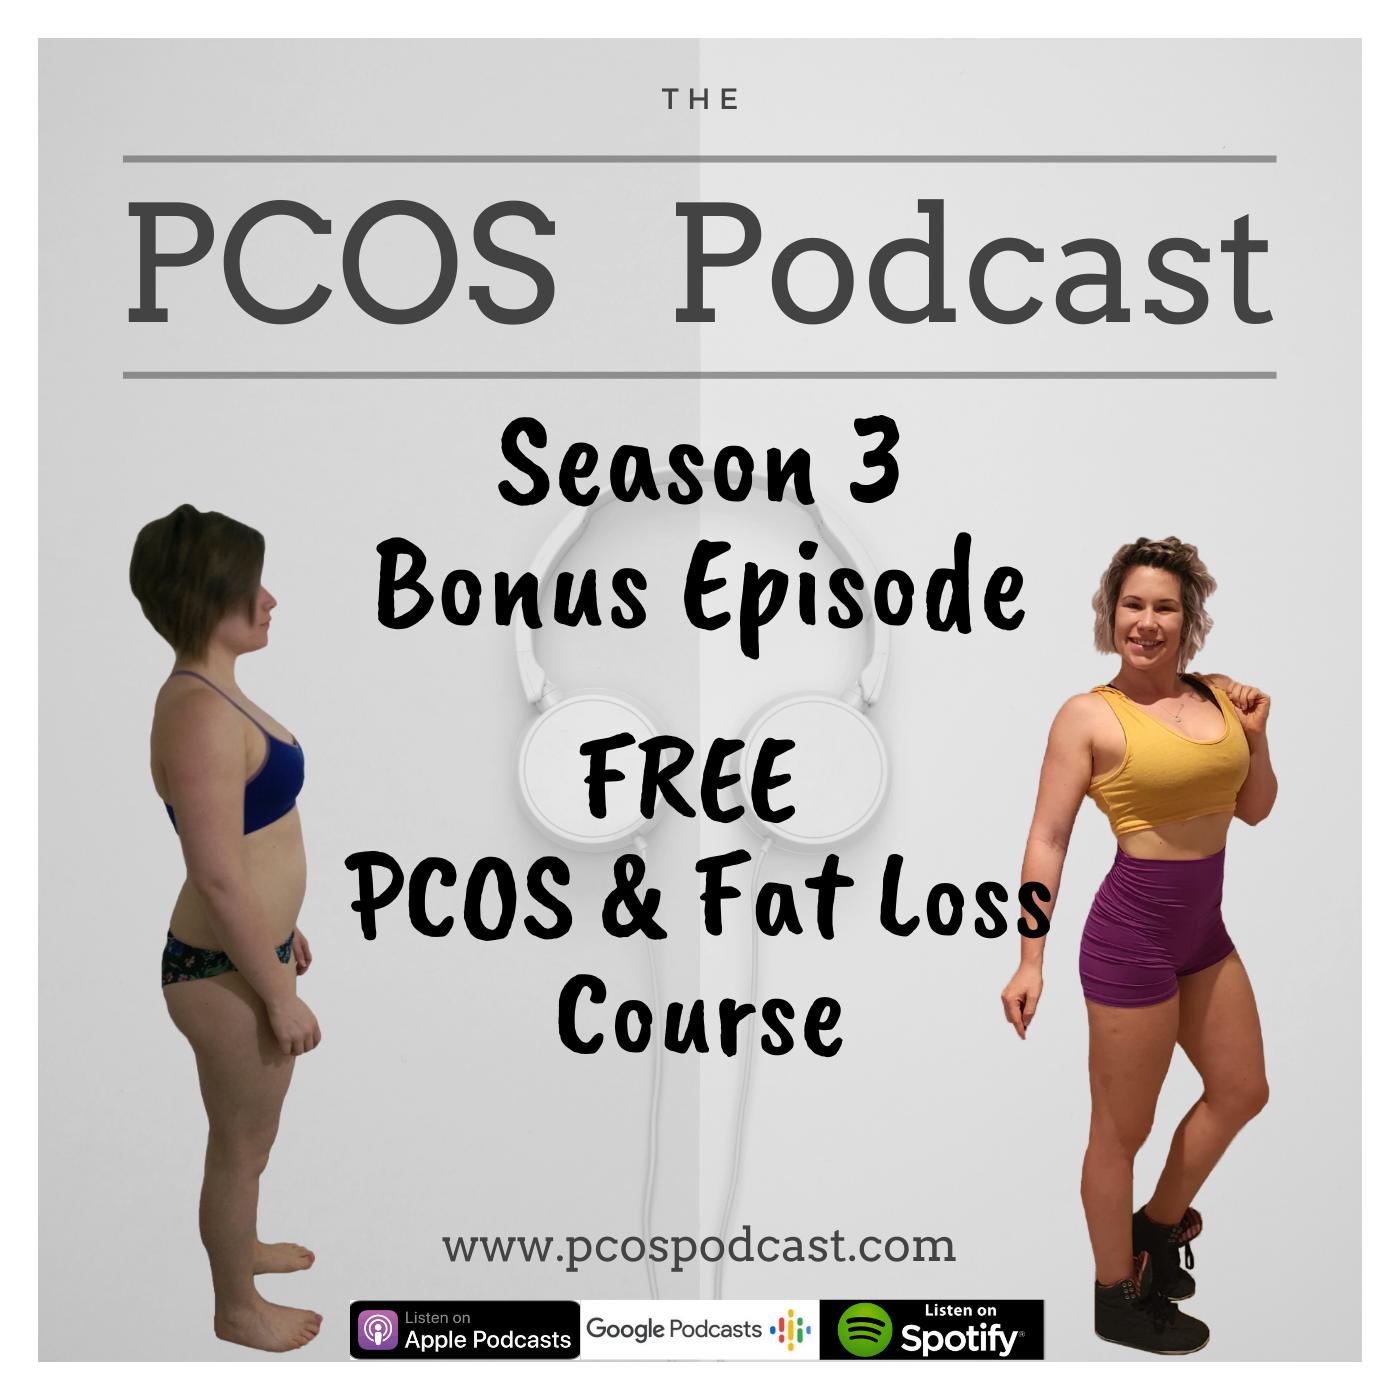 S3 Bonus Episode PCOS&FatLossCourse